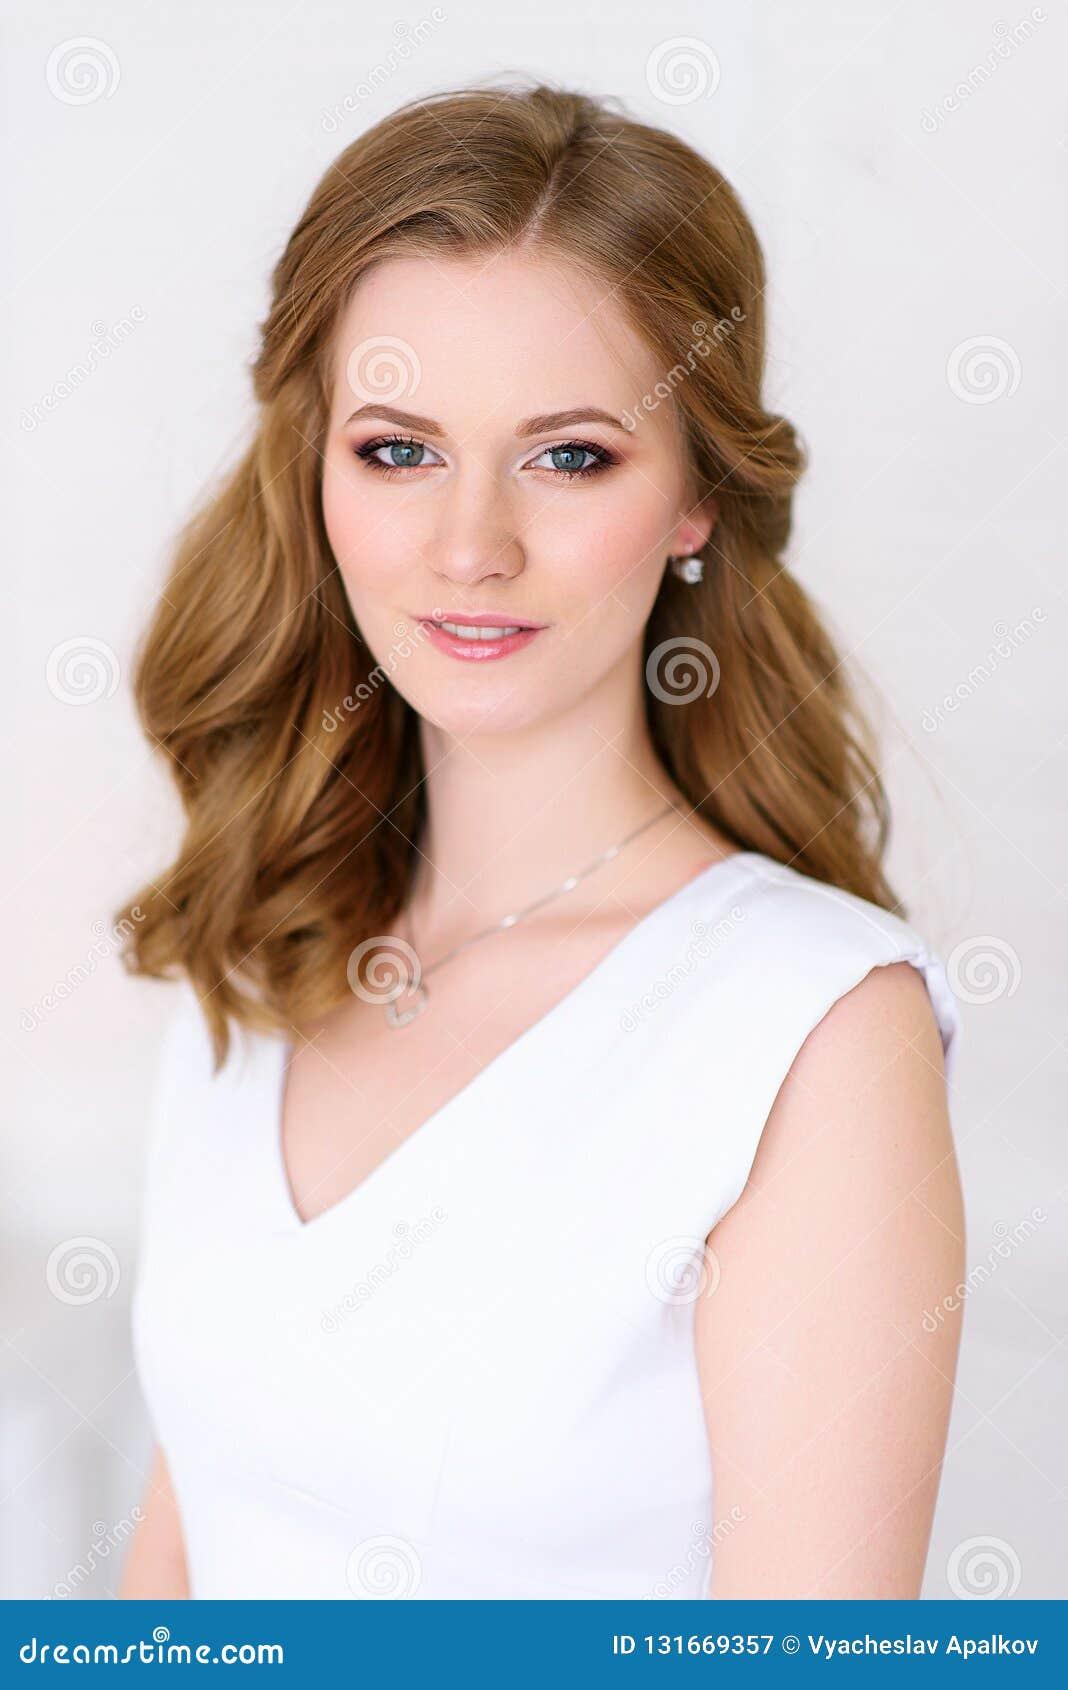 有温泉健康皮肤概念的美女,整洁干净组成套头发自然神色,被隔绝的白色背景,半身体